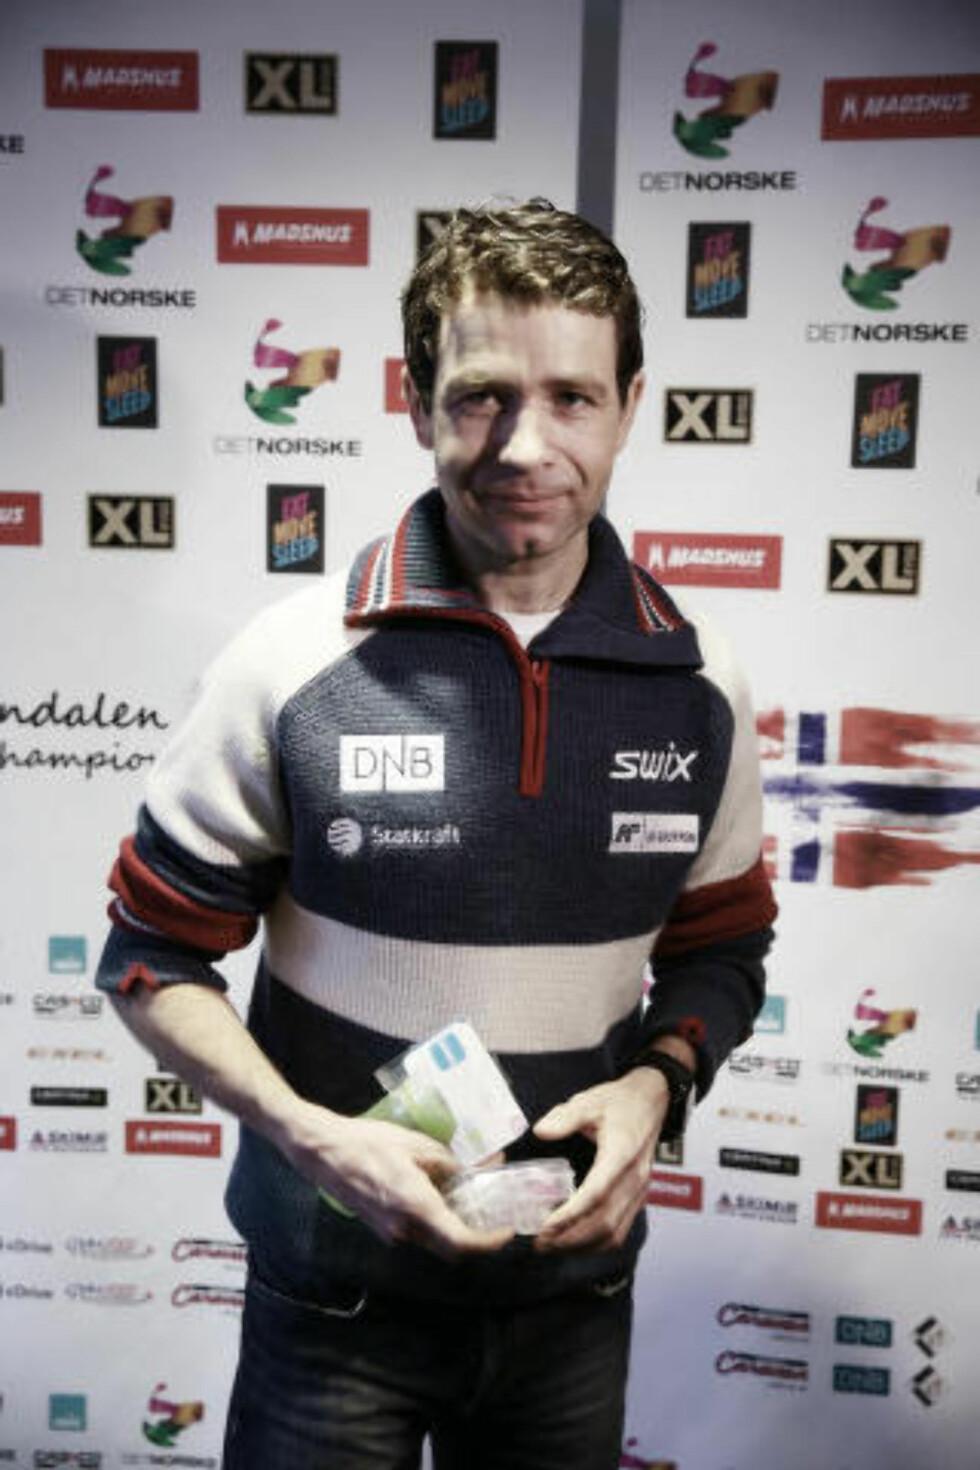 SKAL BLI FAR: Ole Einar Bjørndalen fortalte om mer enn bare den videre karrieren. Foto: Bjørn Langsem, Dagbladet